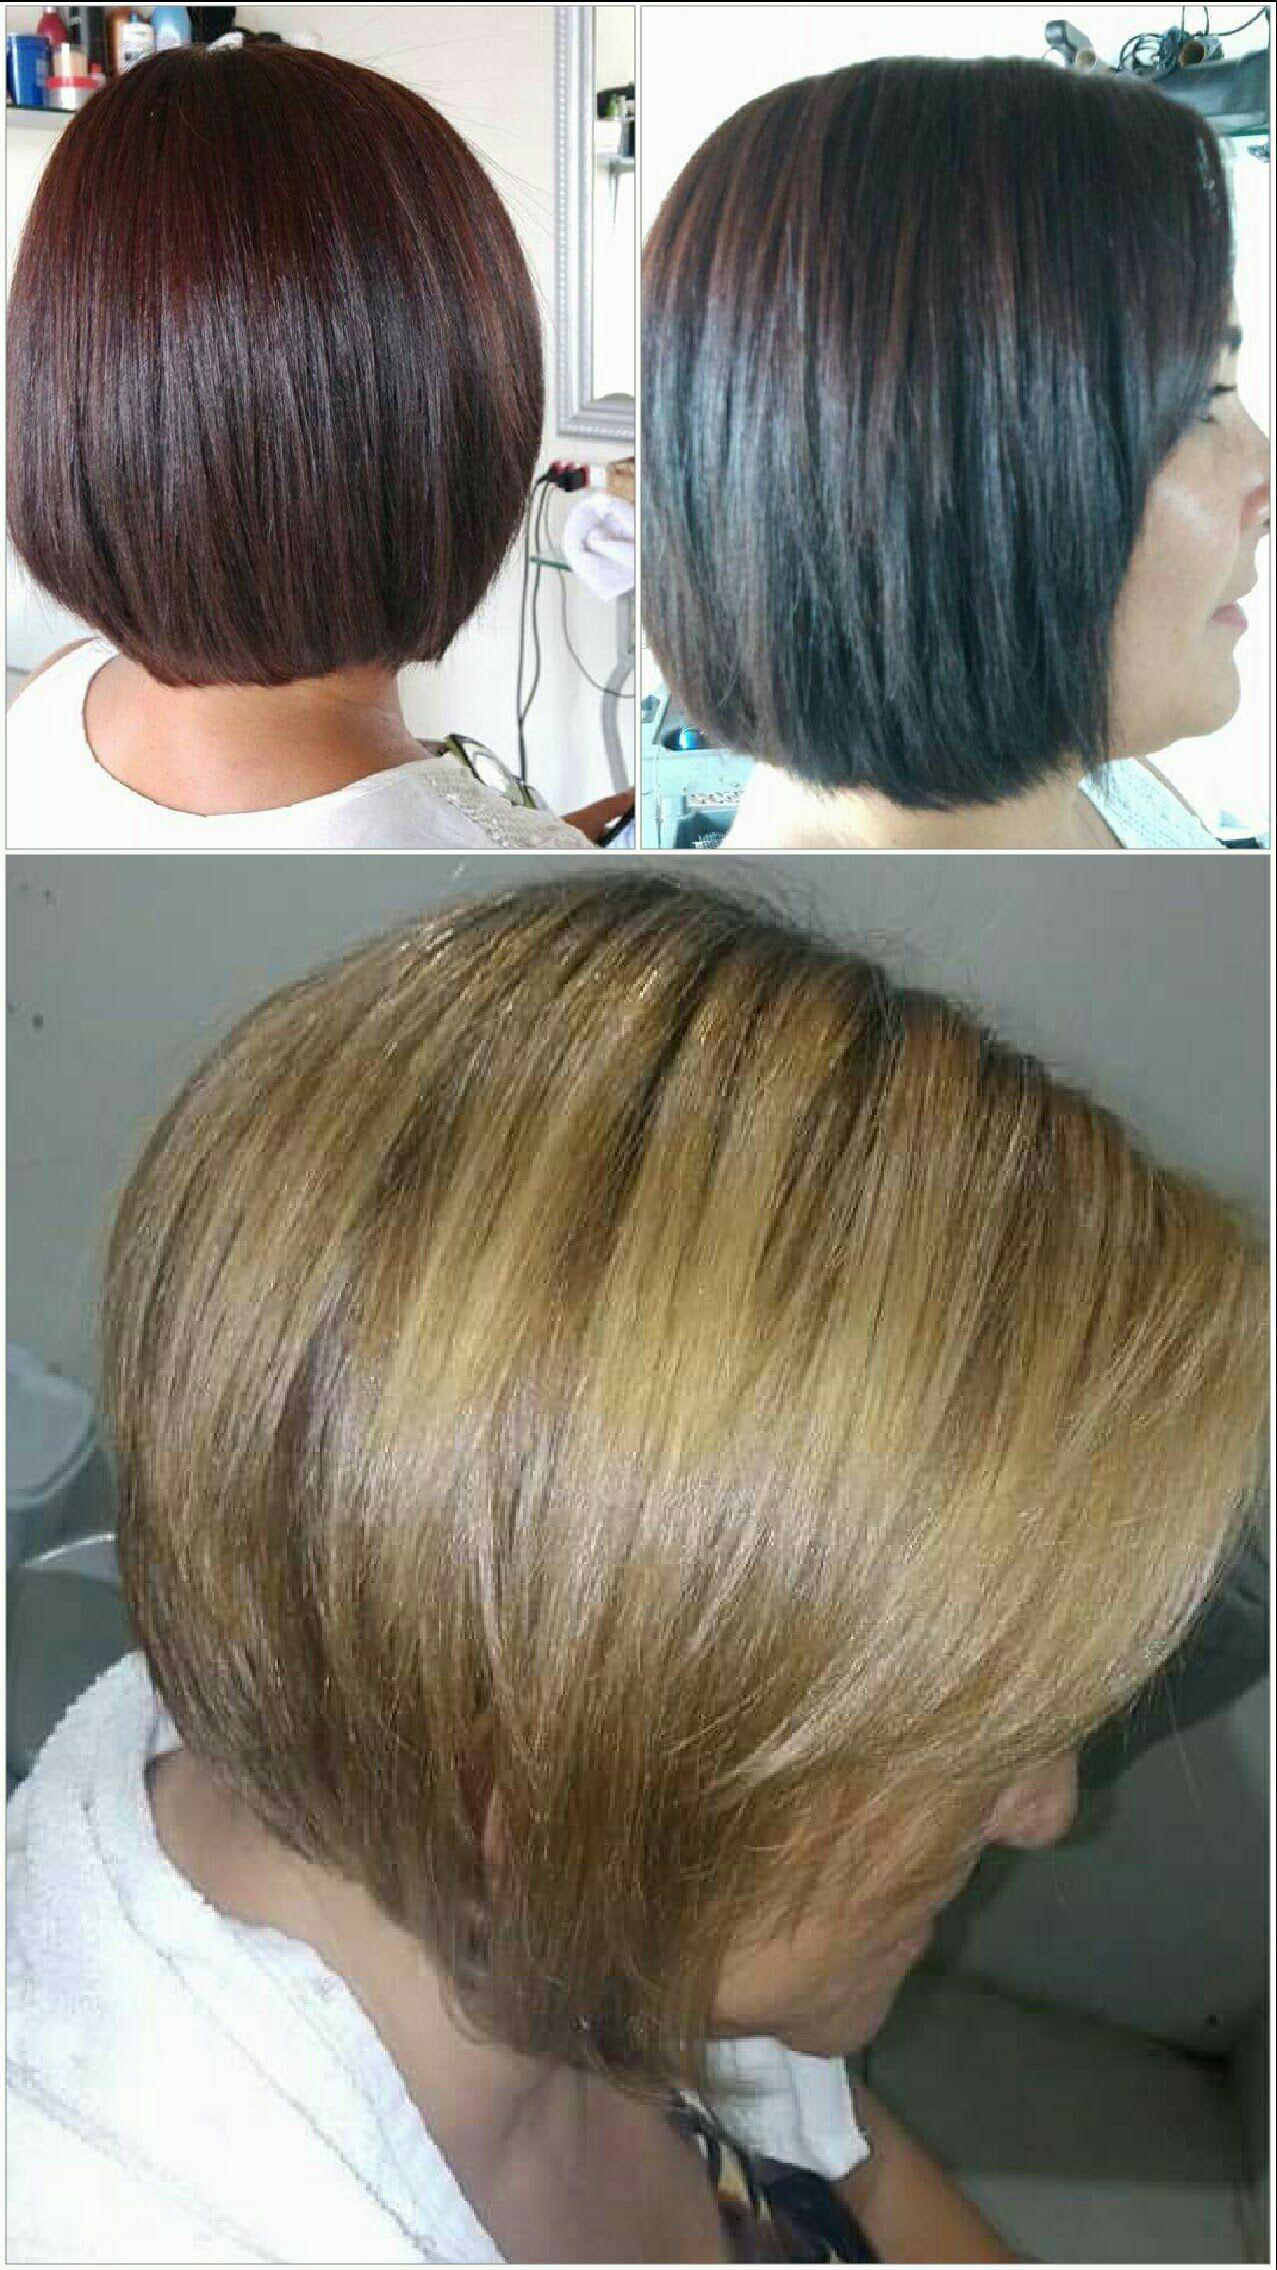 Corte mais progressiva.. depois corte coloração e mechas cabelo cabeleireiro(a) stylist / visagista auxiliar administrativo